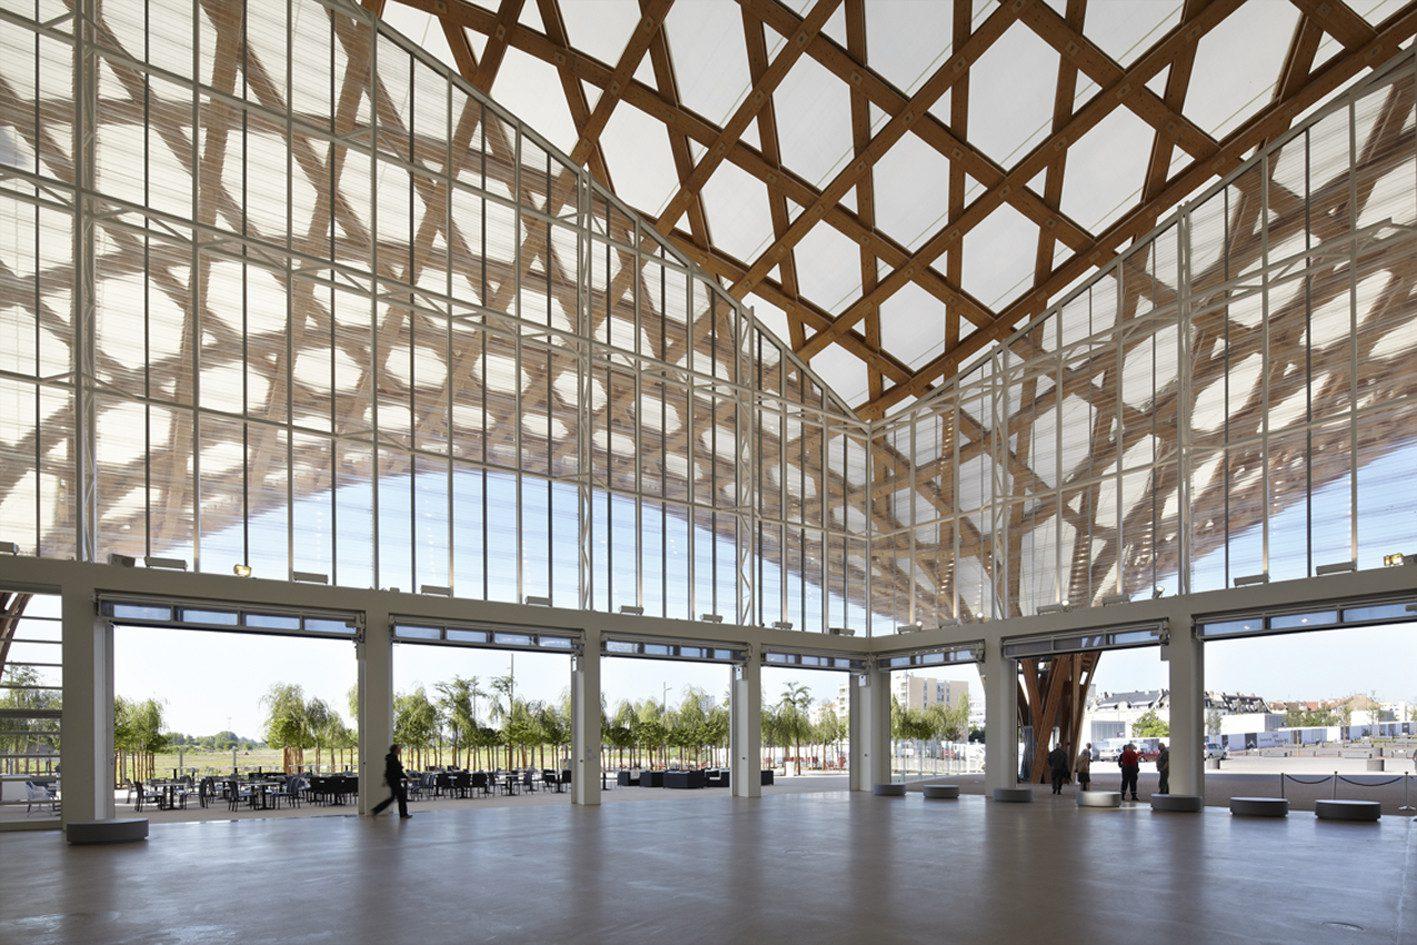 Pompidou Centre. Image: Didier Boy de la Tour